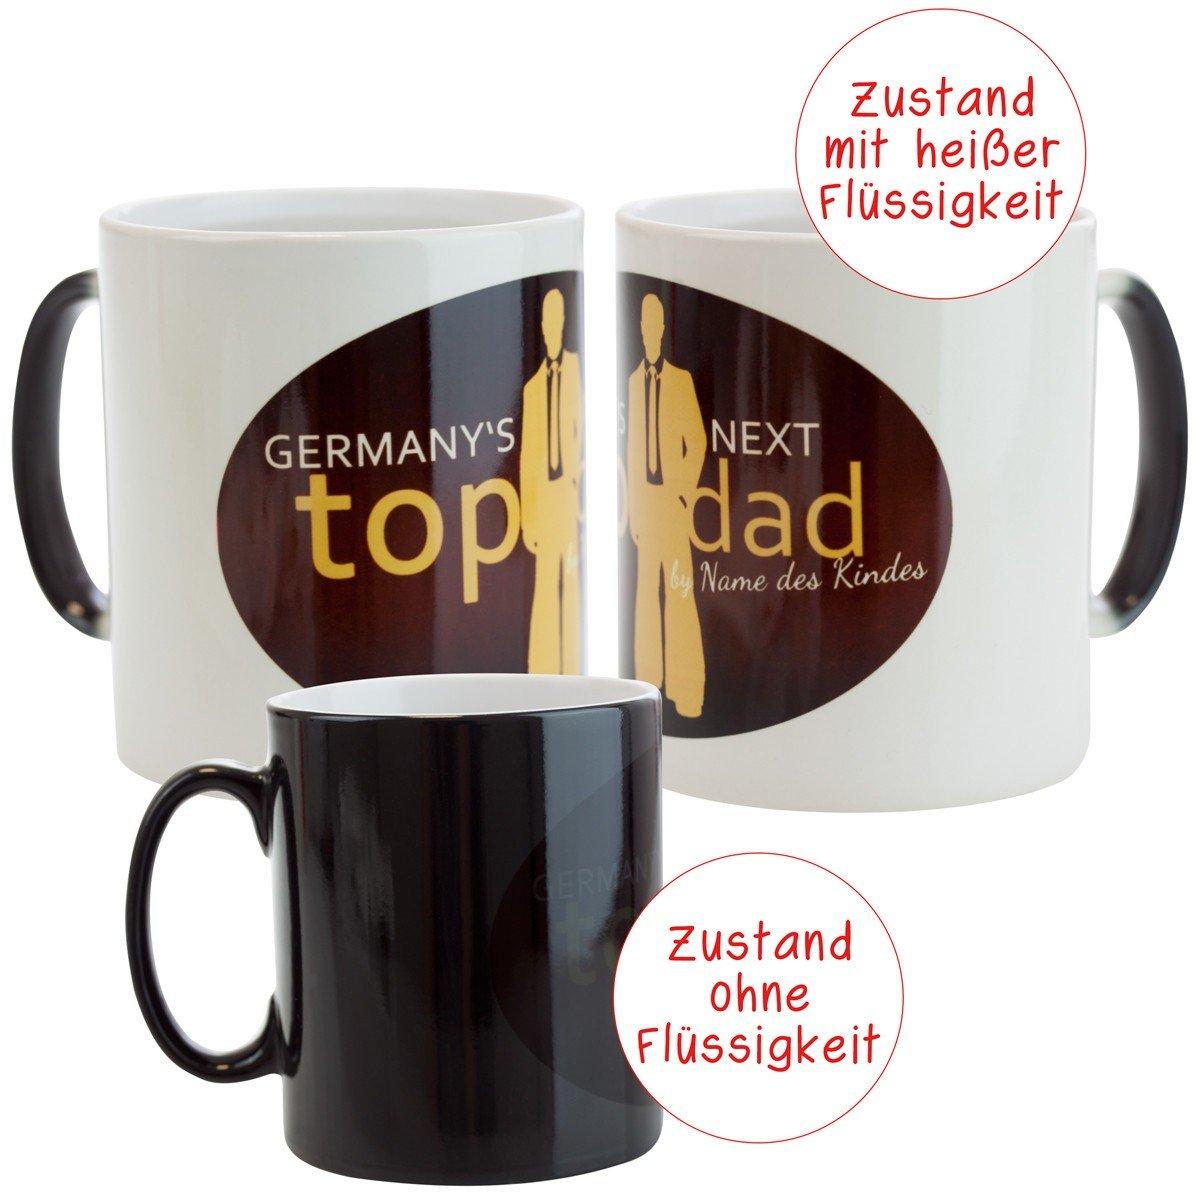 Germanys Top Mom / Dad Becher